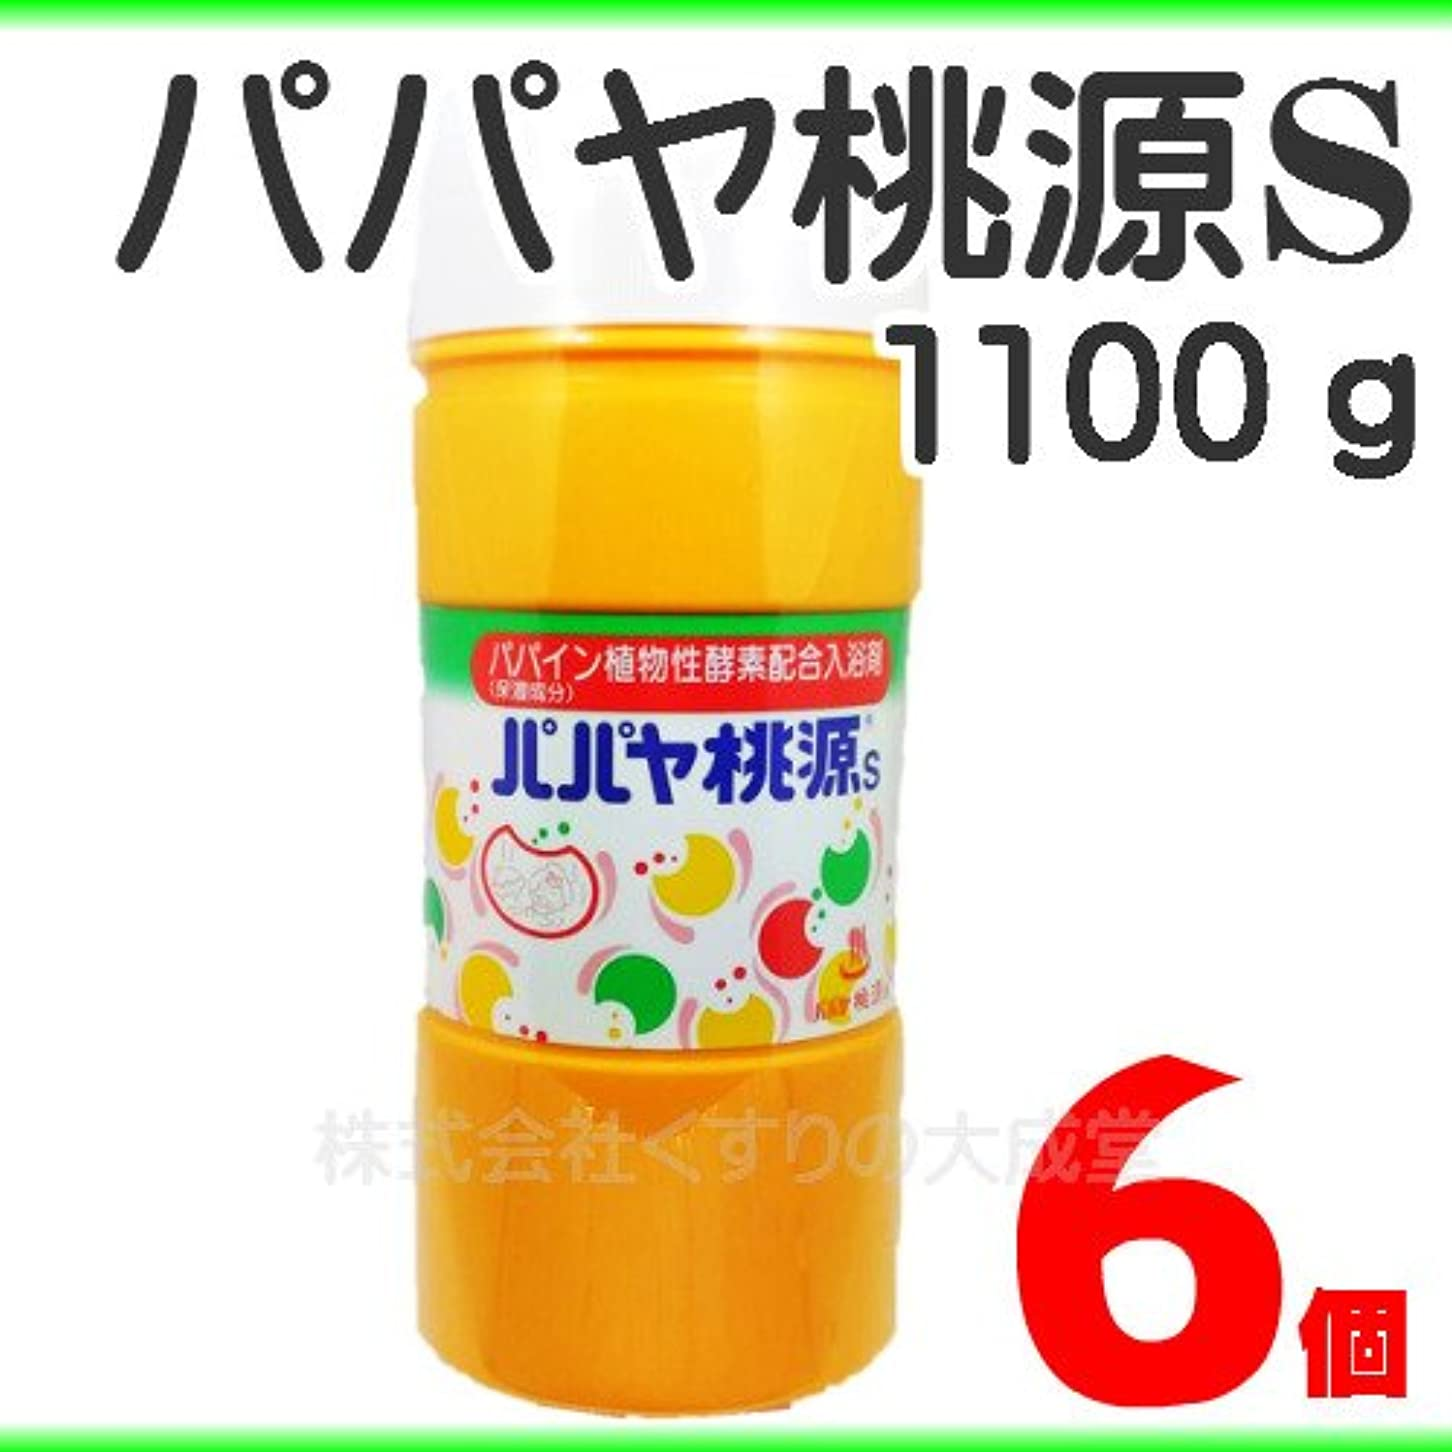 用心アウトドア豆パパヤ桃源S 1100g 6個 医薬部外品